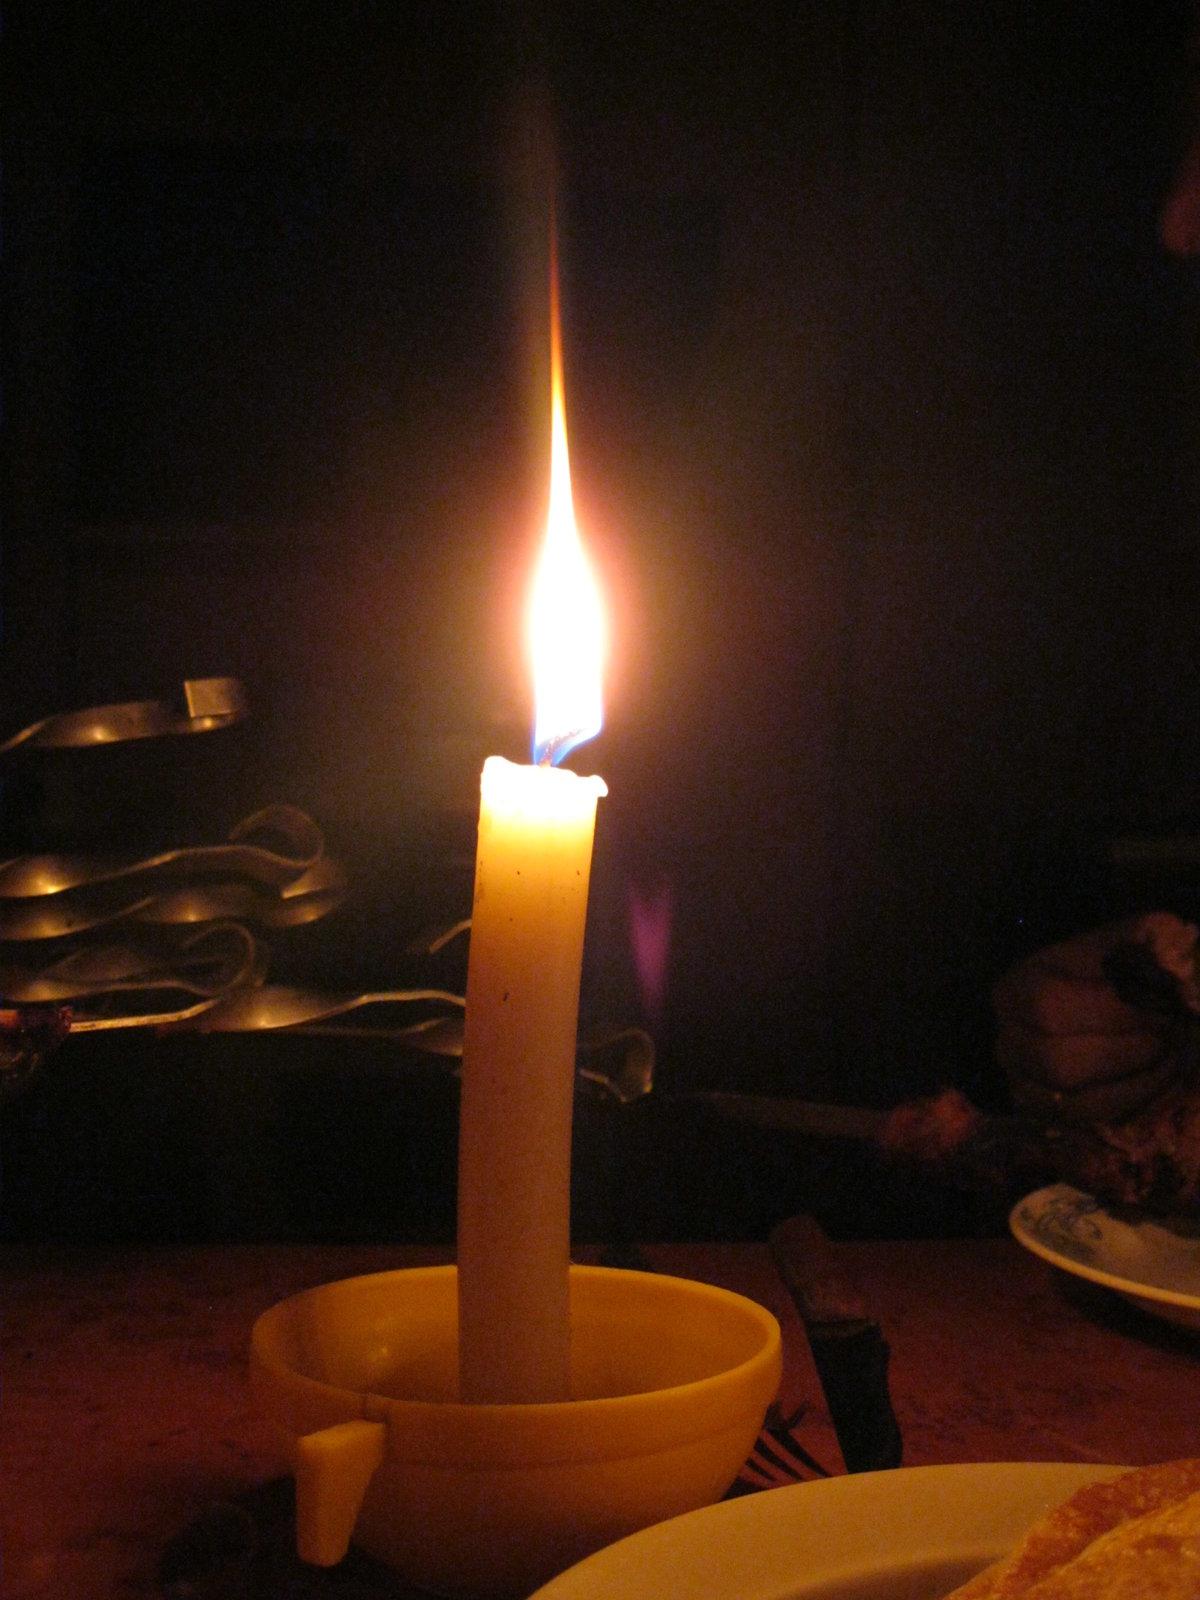 таких картинка свеча горит водой над